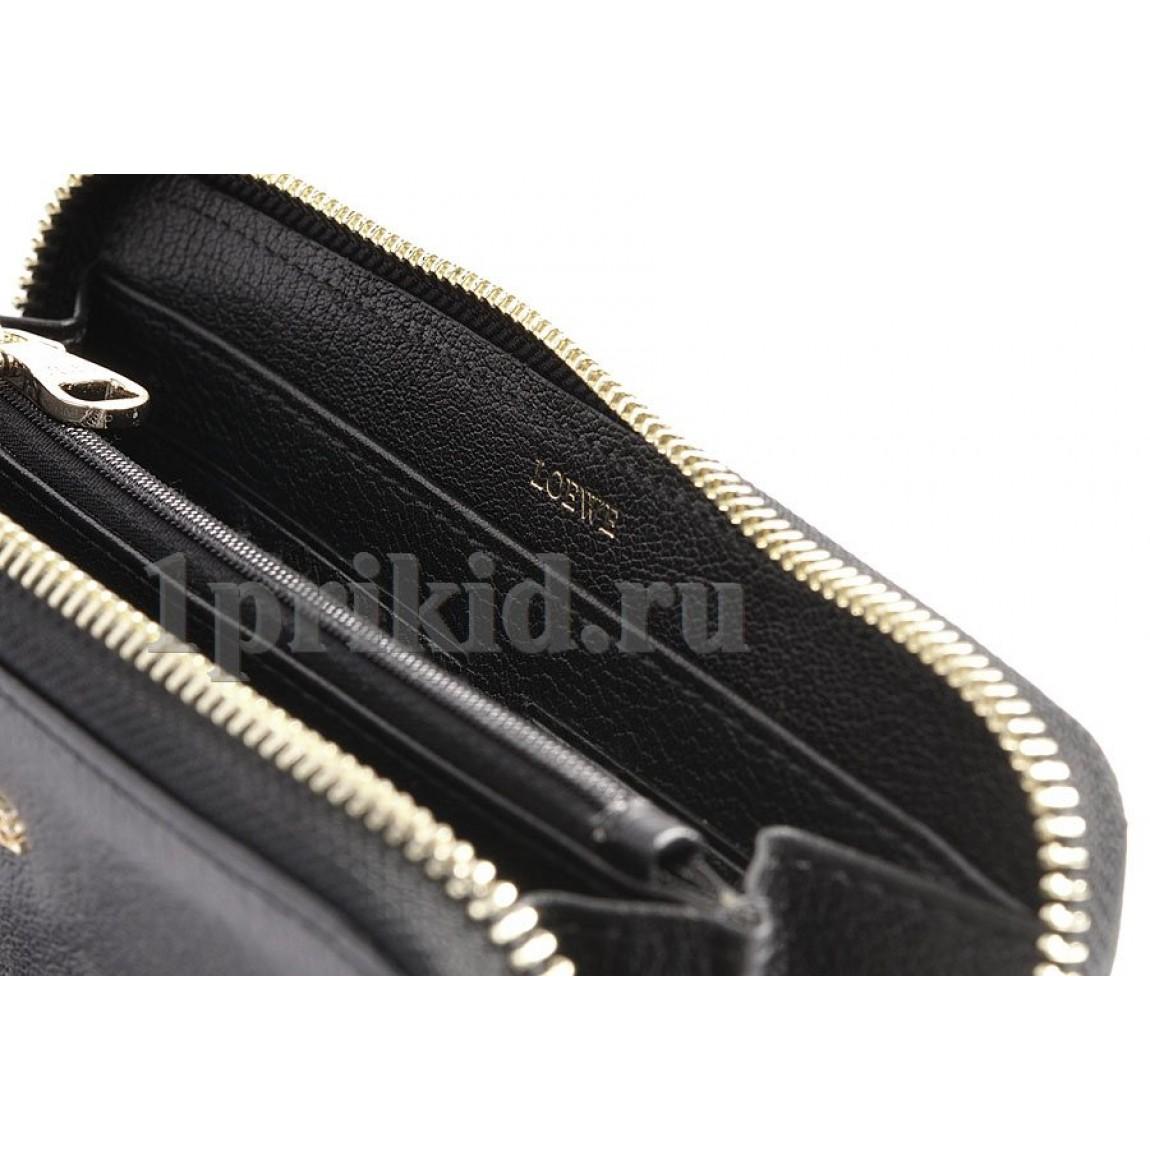 e71e2650fd79 Кошелёк LOEWE женский чёрный натуральная кожа 19x9см/5411 купить в ...